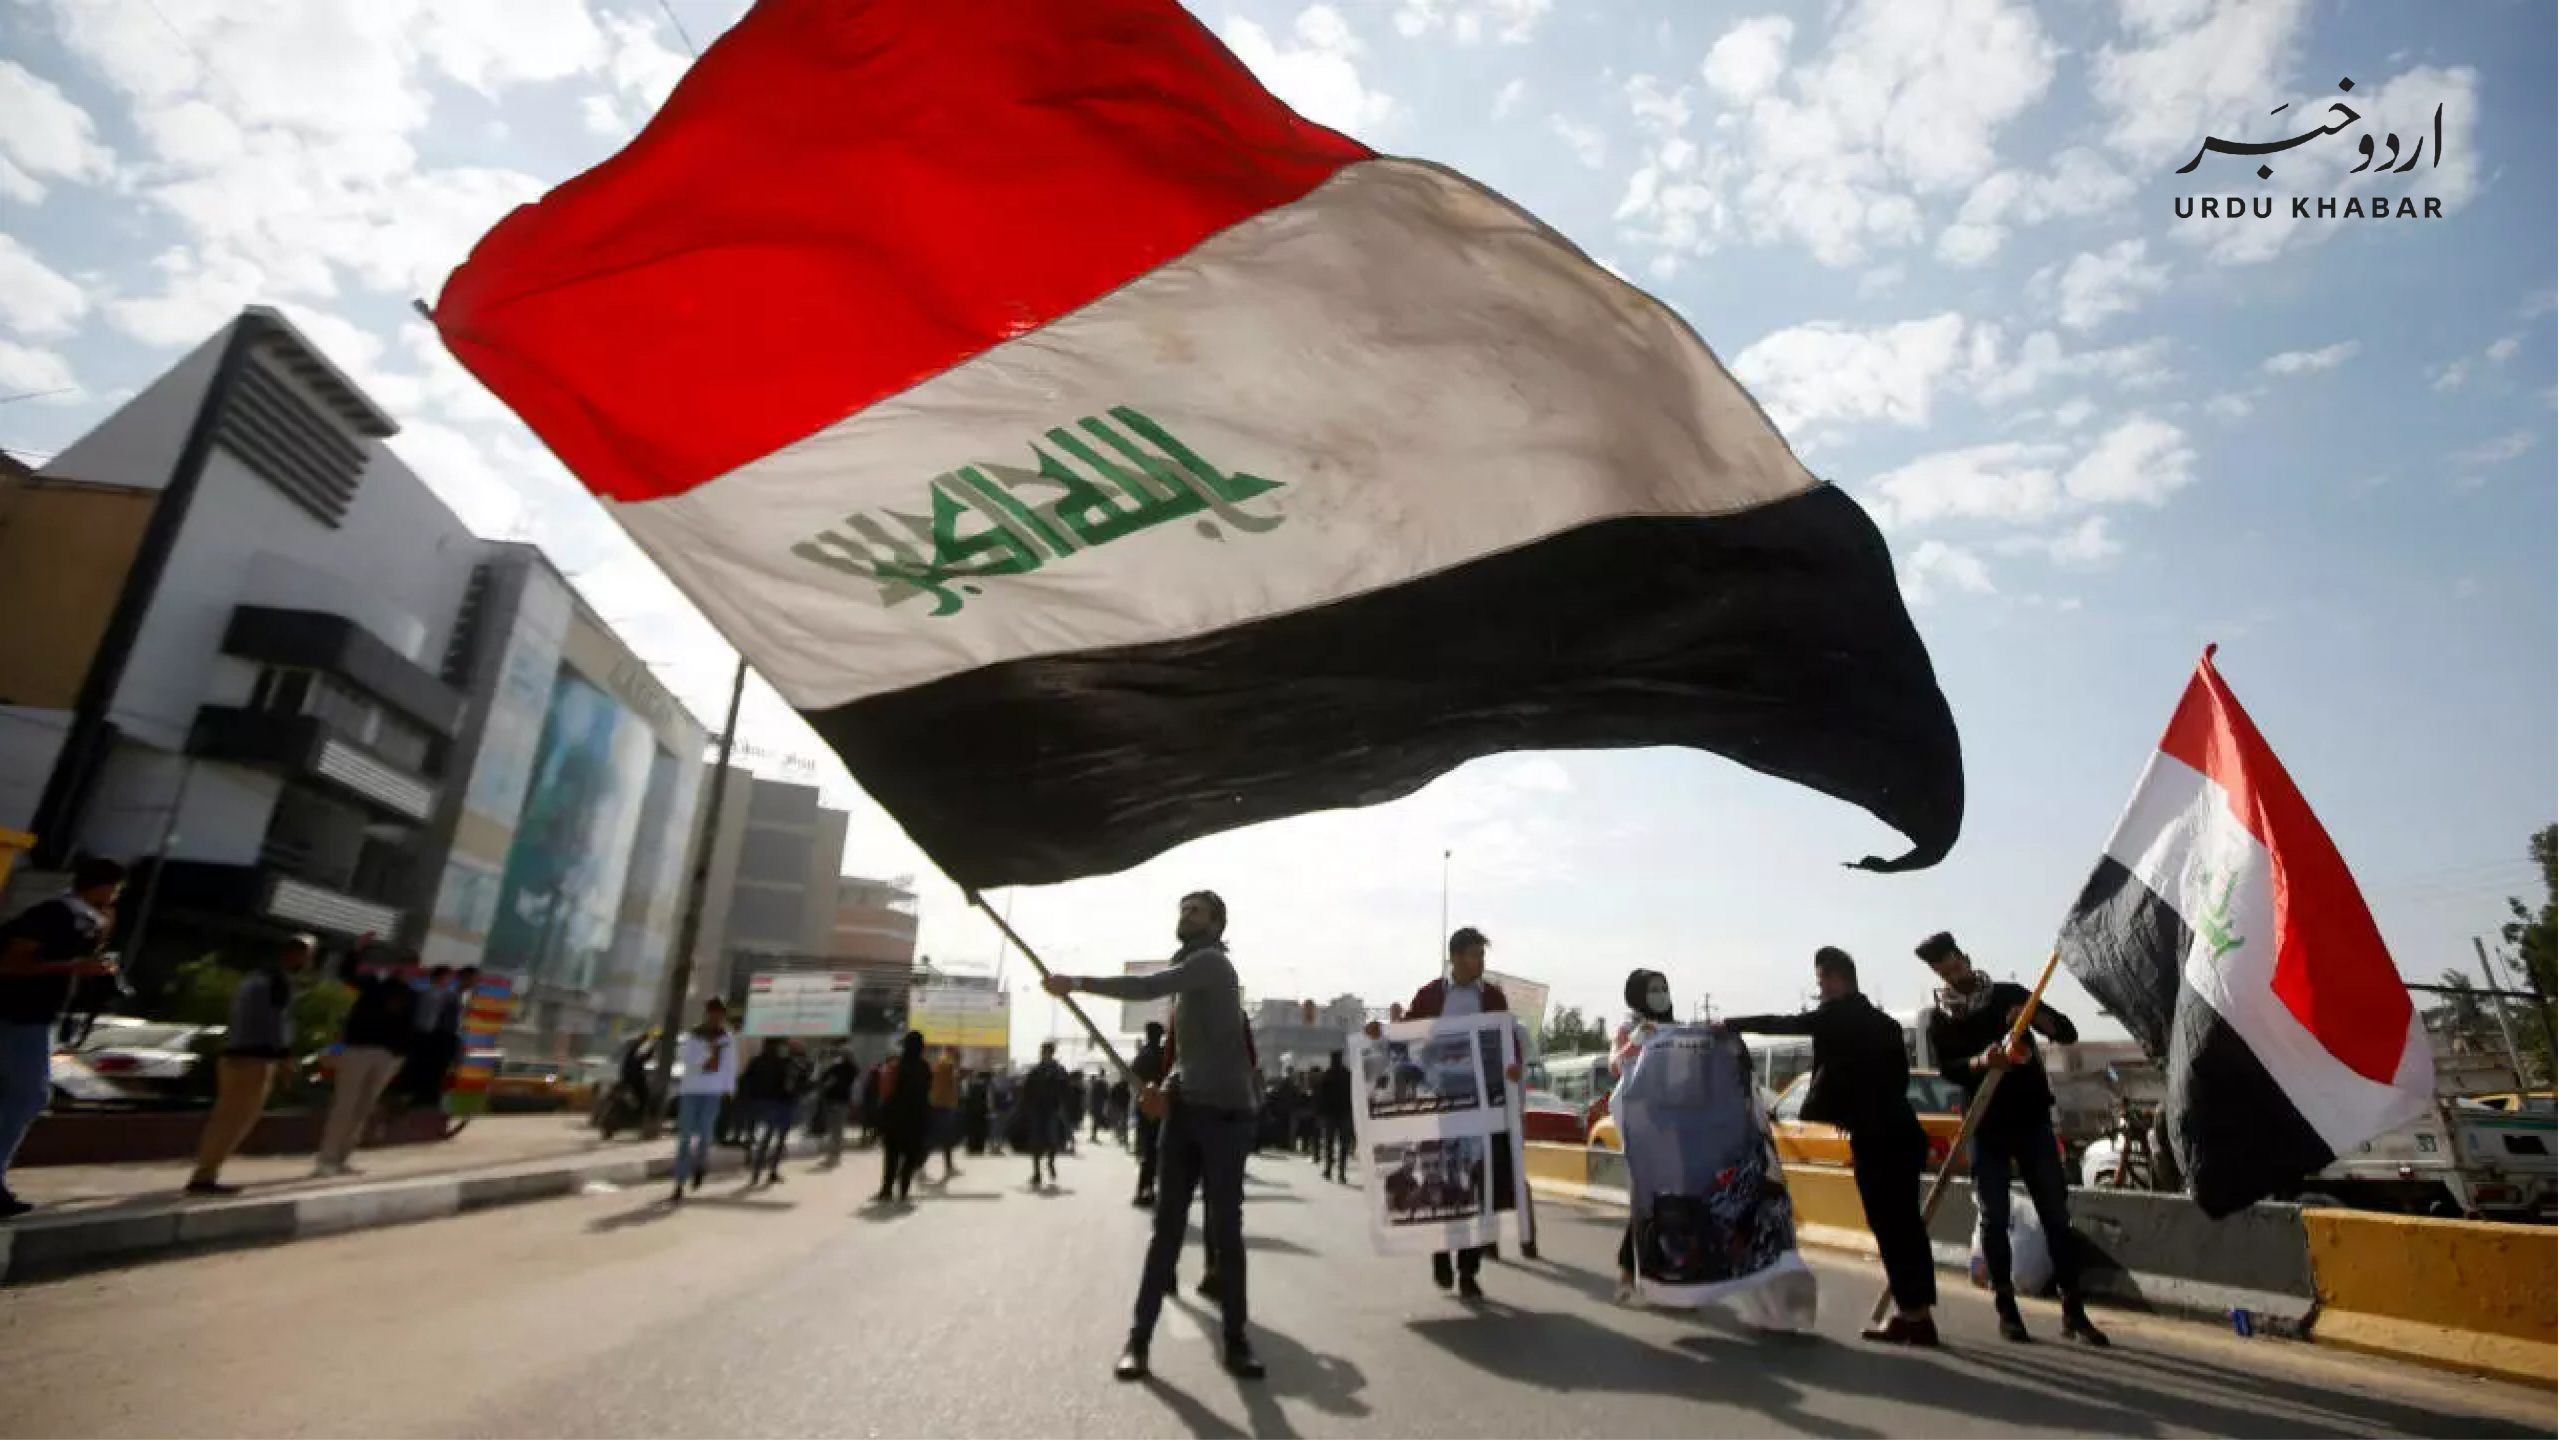 عراق کو انسانیت سوز مظالم کا سامنا کرتے ایک صدی بیت گئی